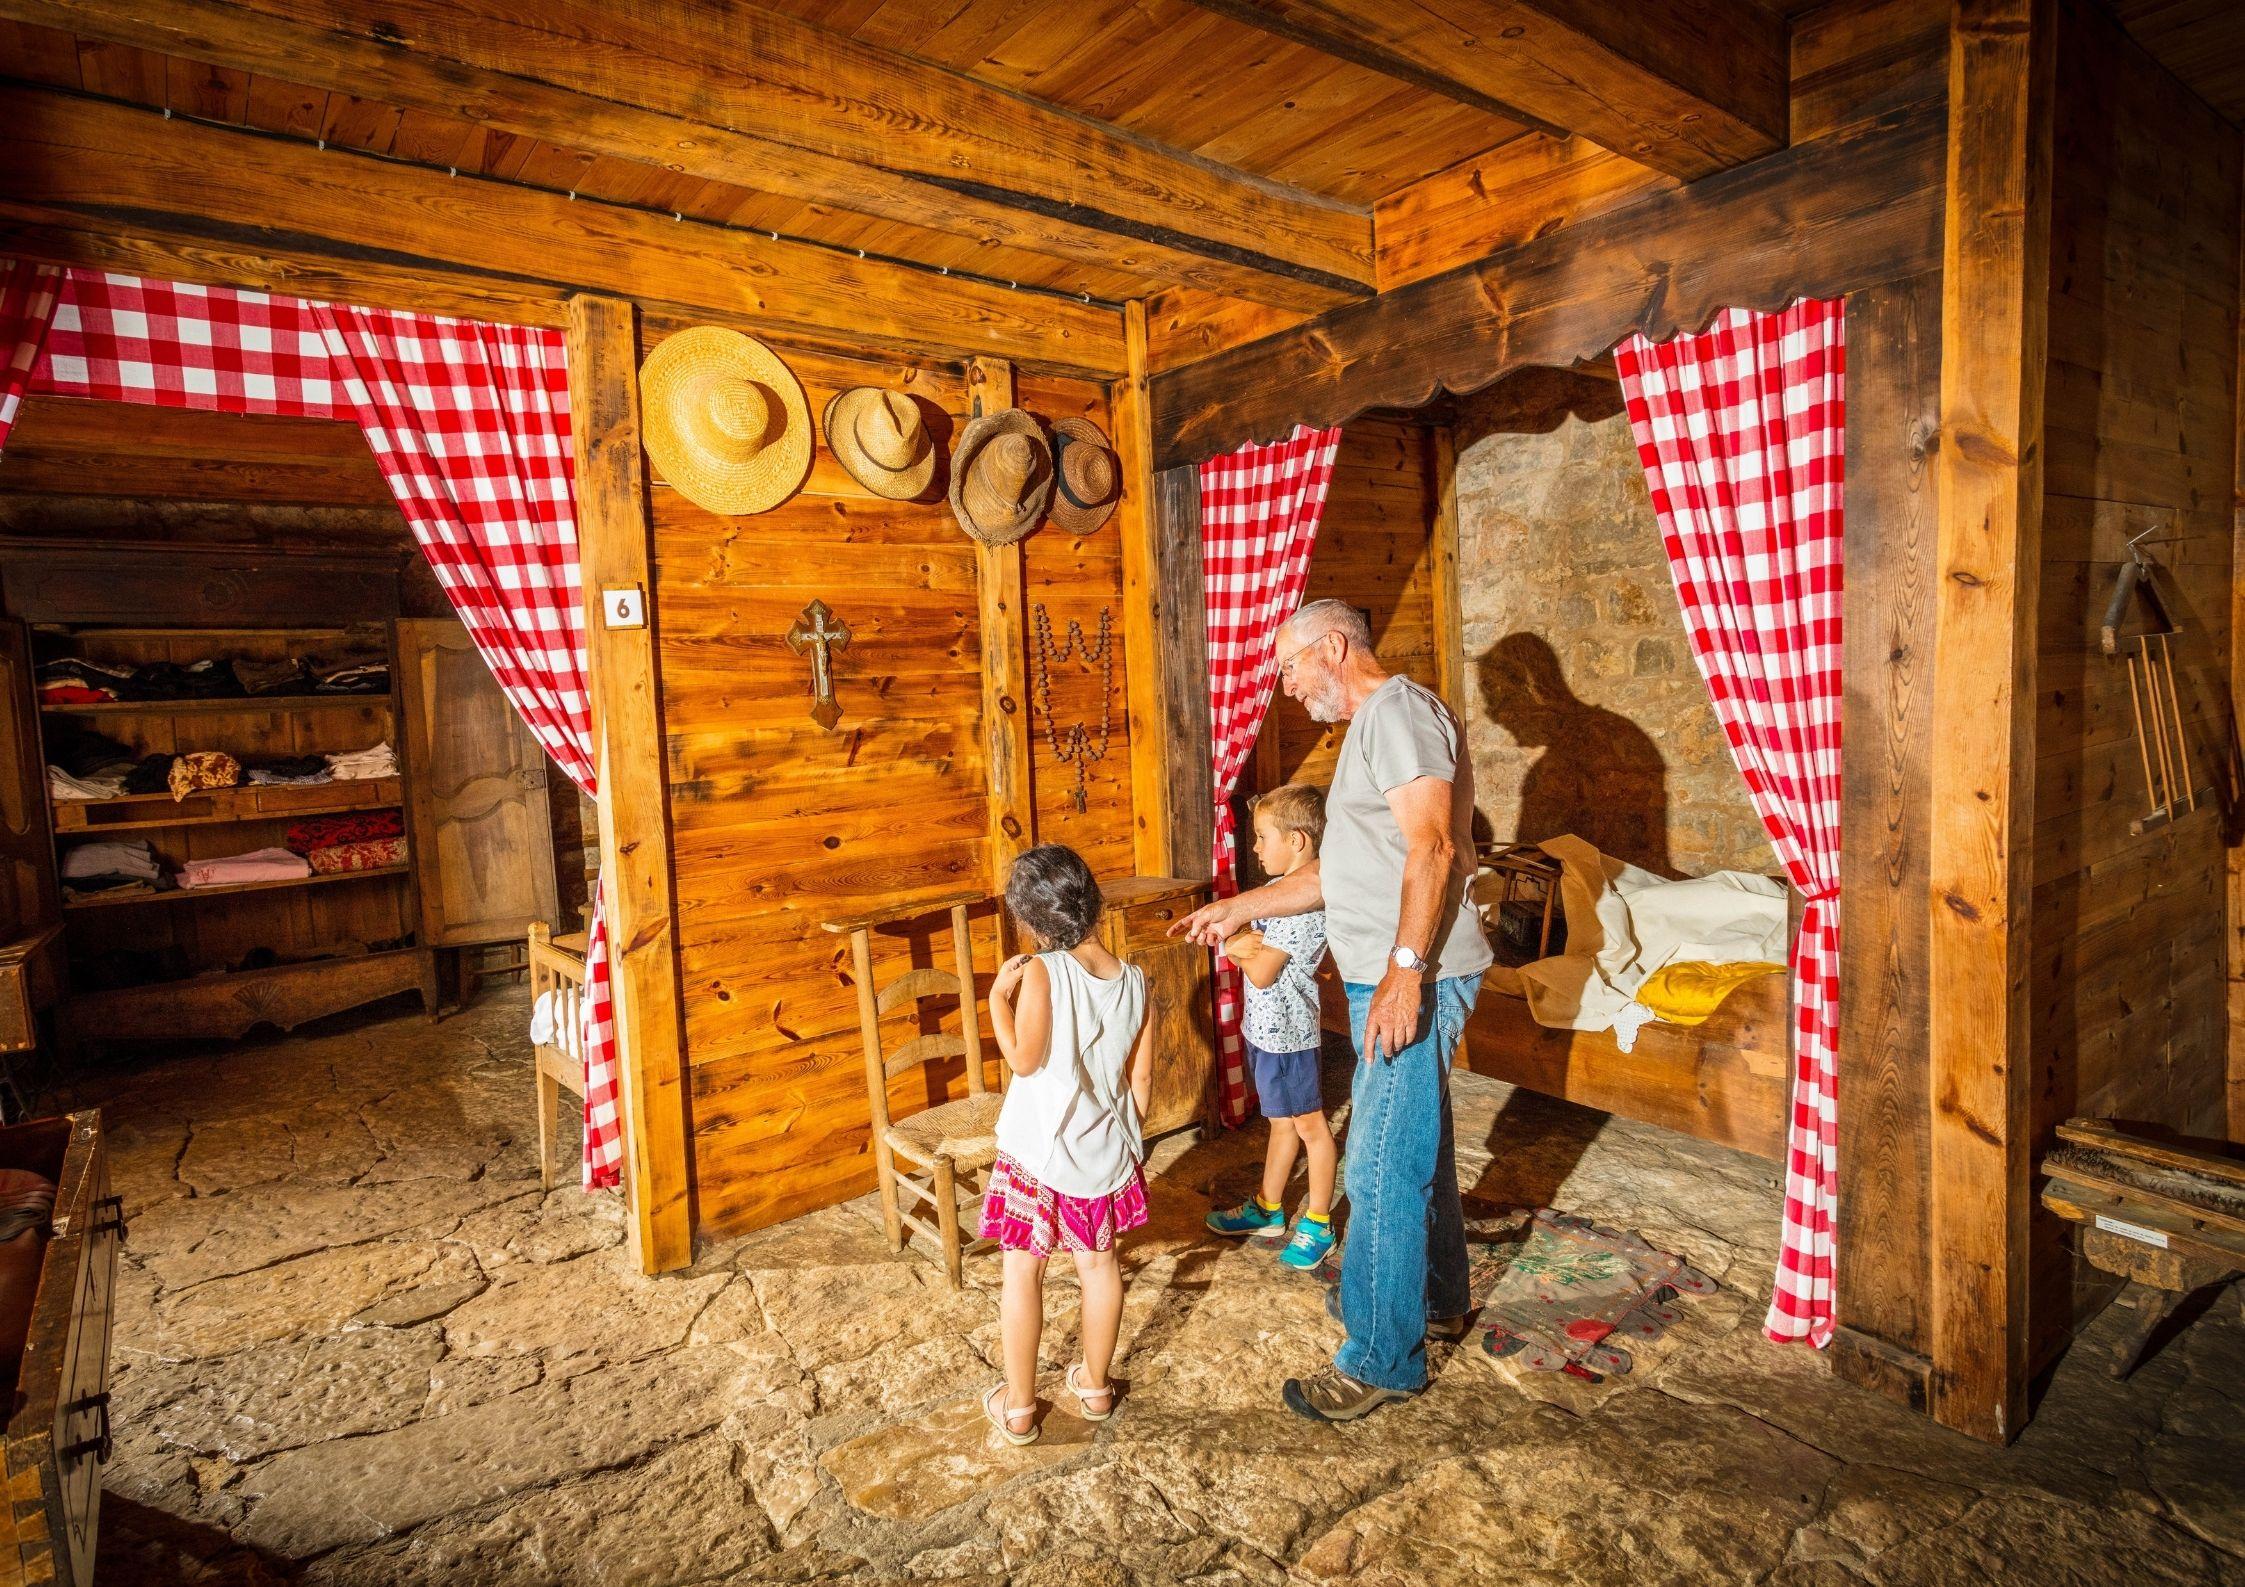 Activités familiale autour de Chanac - Ferme Caussenarde d'Autrefois